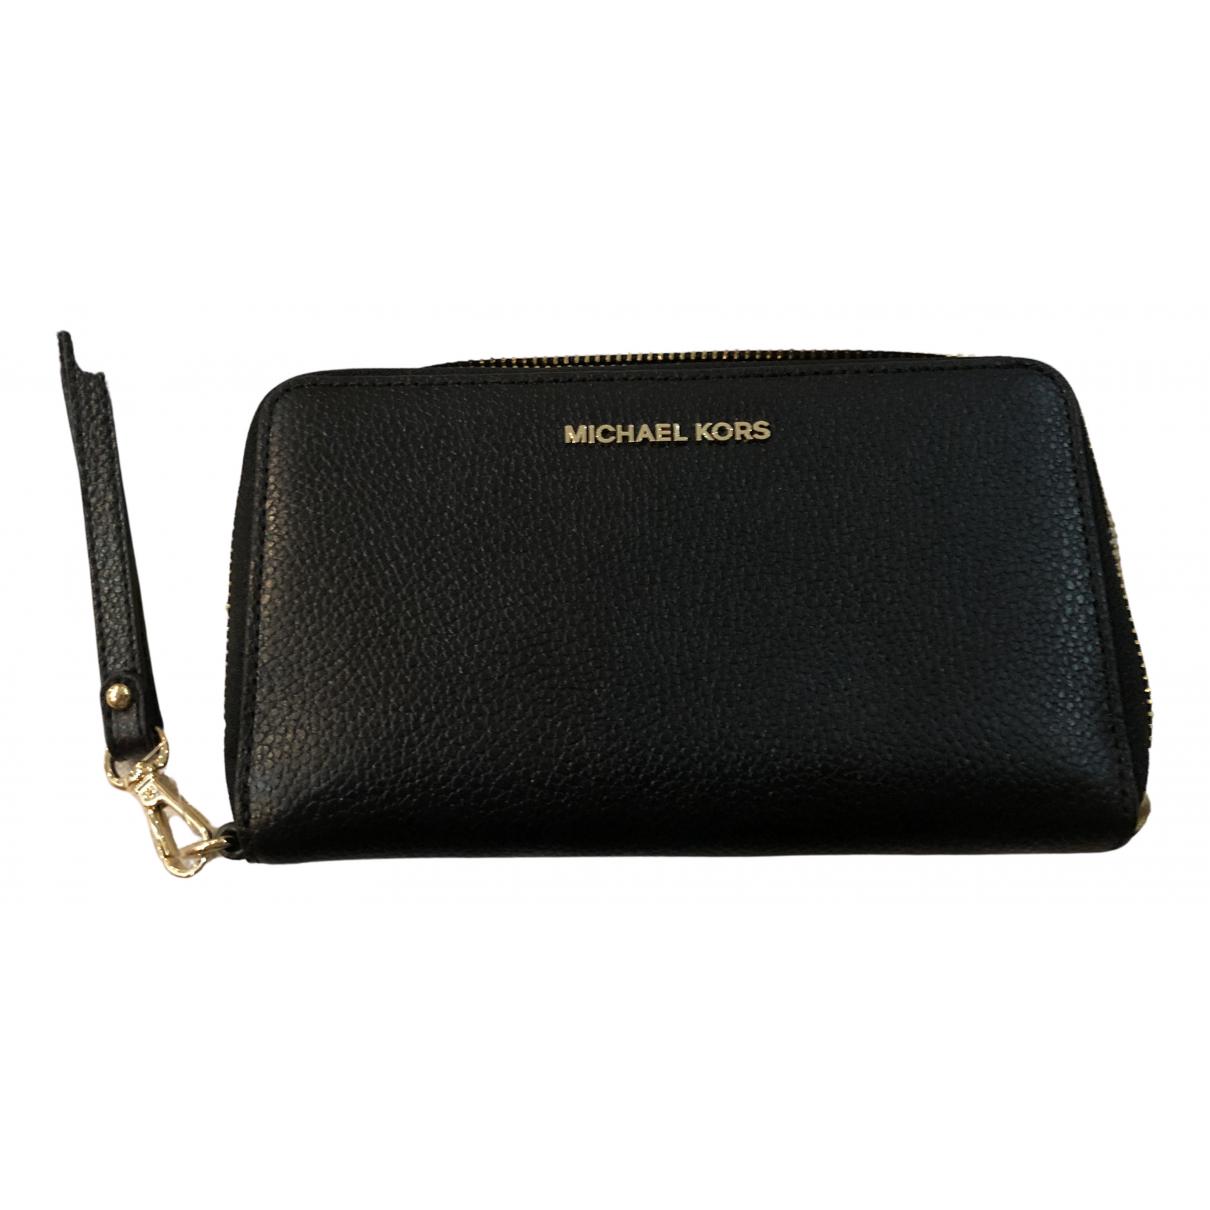 Michael Kors - Portefeuille   pour femme en cuir - noir